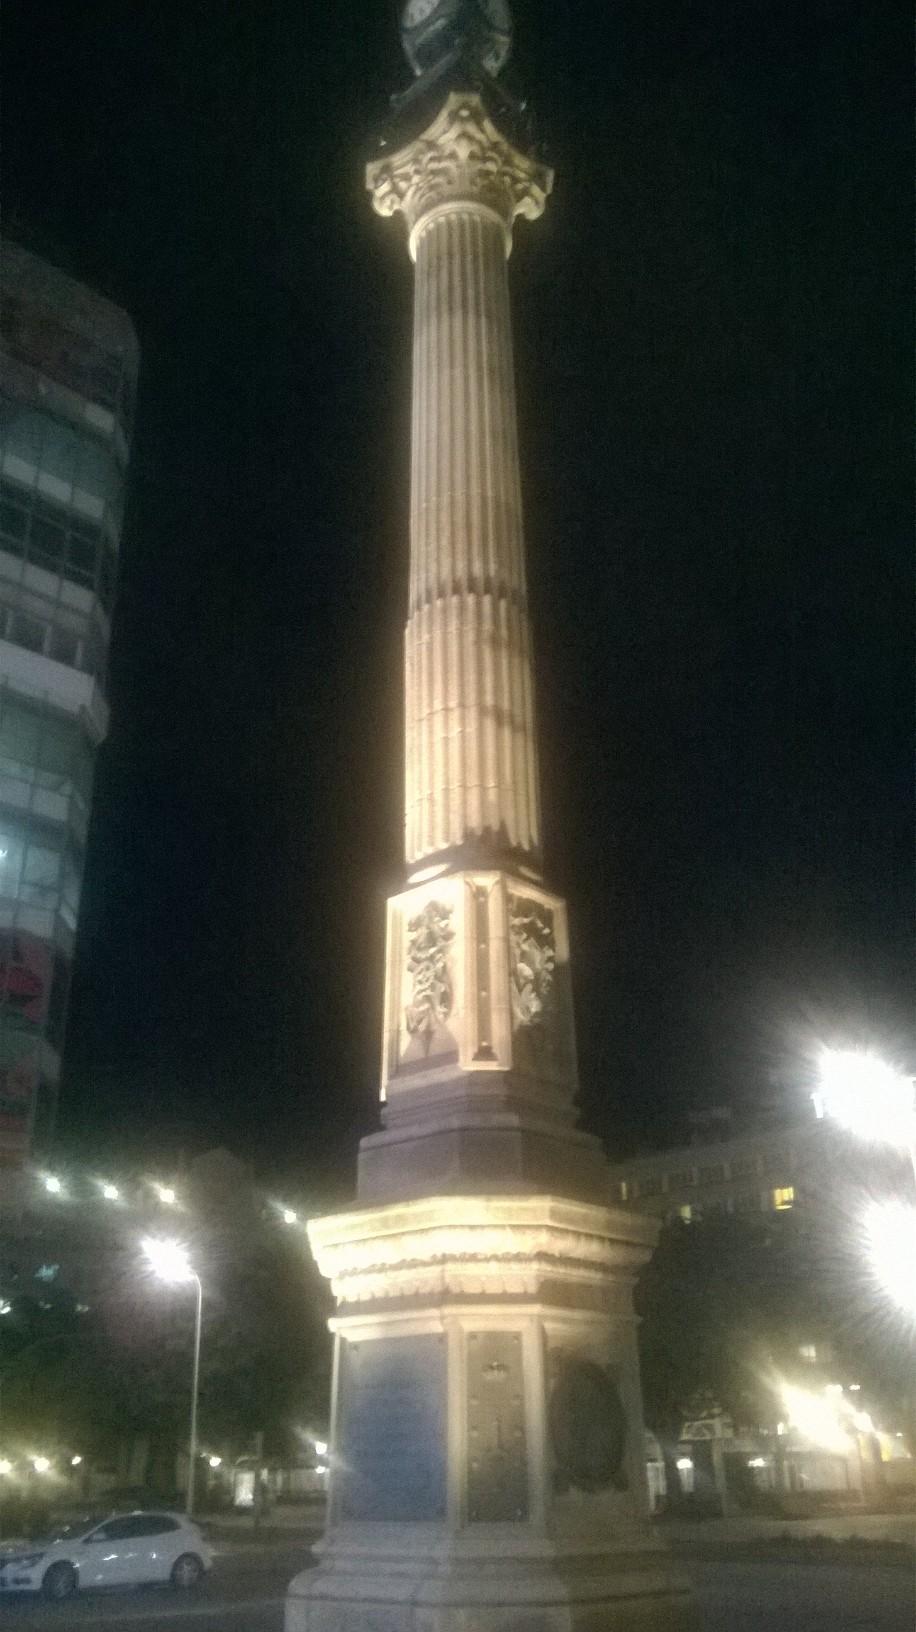 coruna-obelisco-de-los-cantones-calle-del-canton-grande-mar17